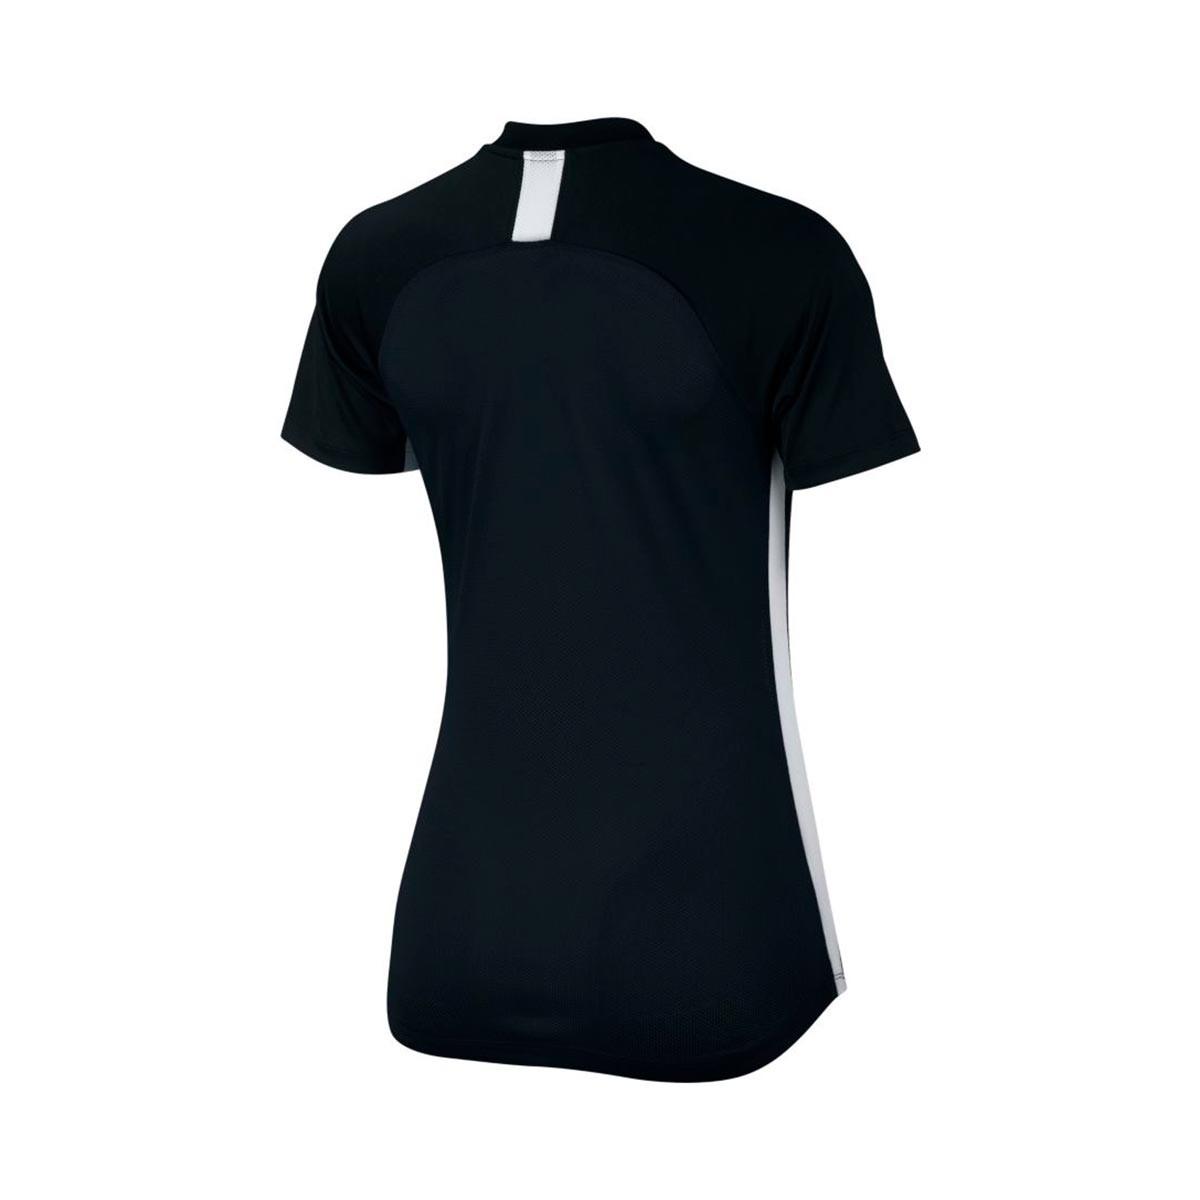 calidad autentica precio inmejorable fabricación hábil Camiseta Dri-FIT Academy Mujer Black-White